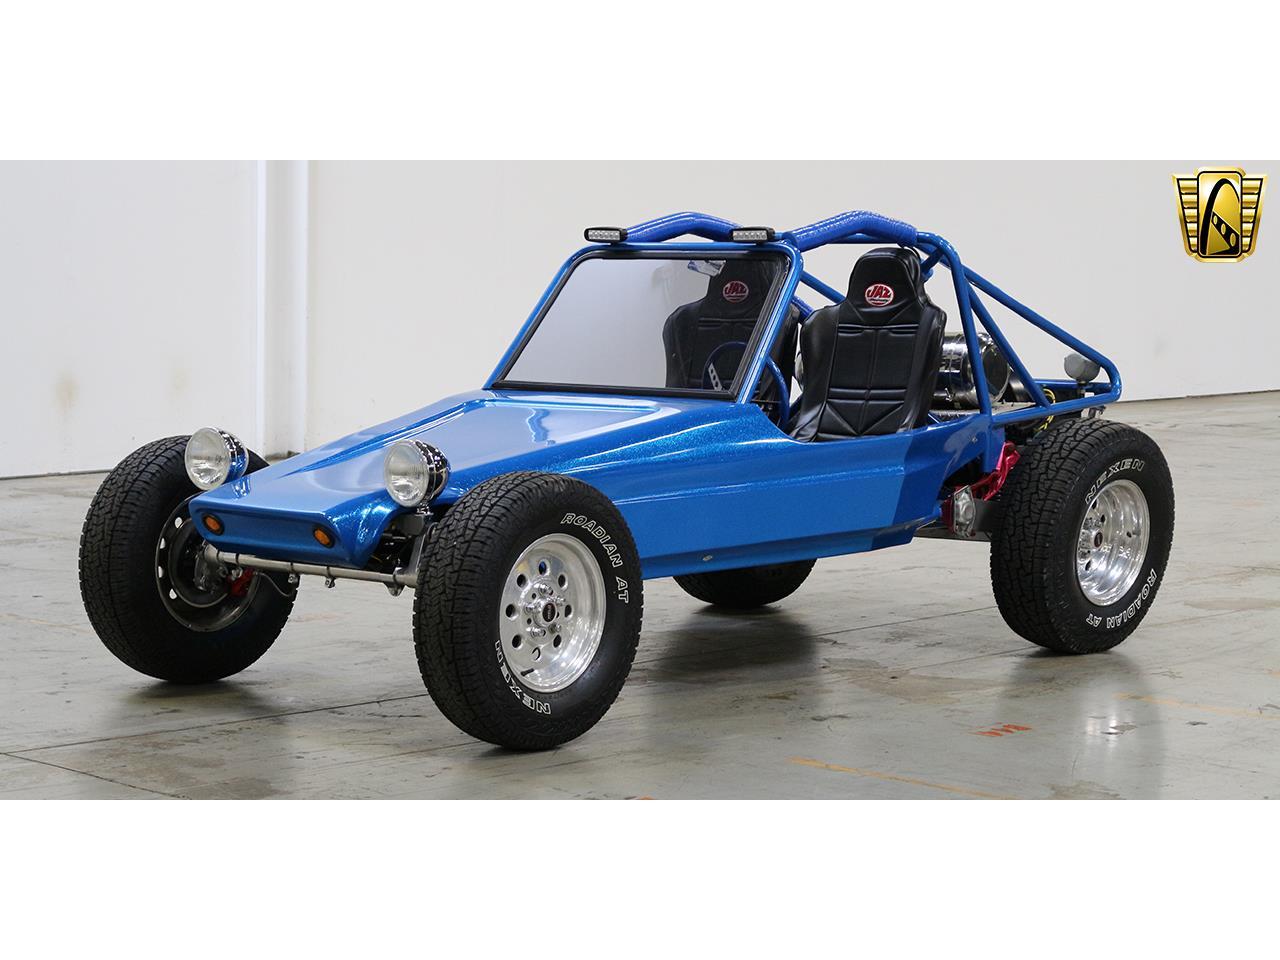 For Sale: 1999 Volkswagen Dune Buggy in West Deptford, New Jersey